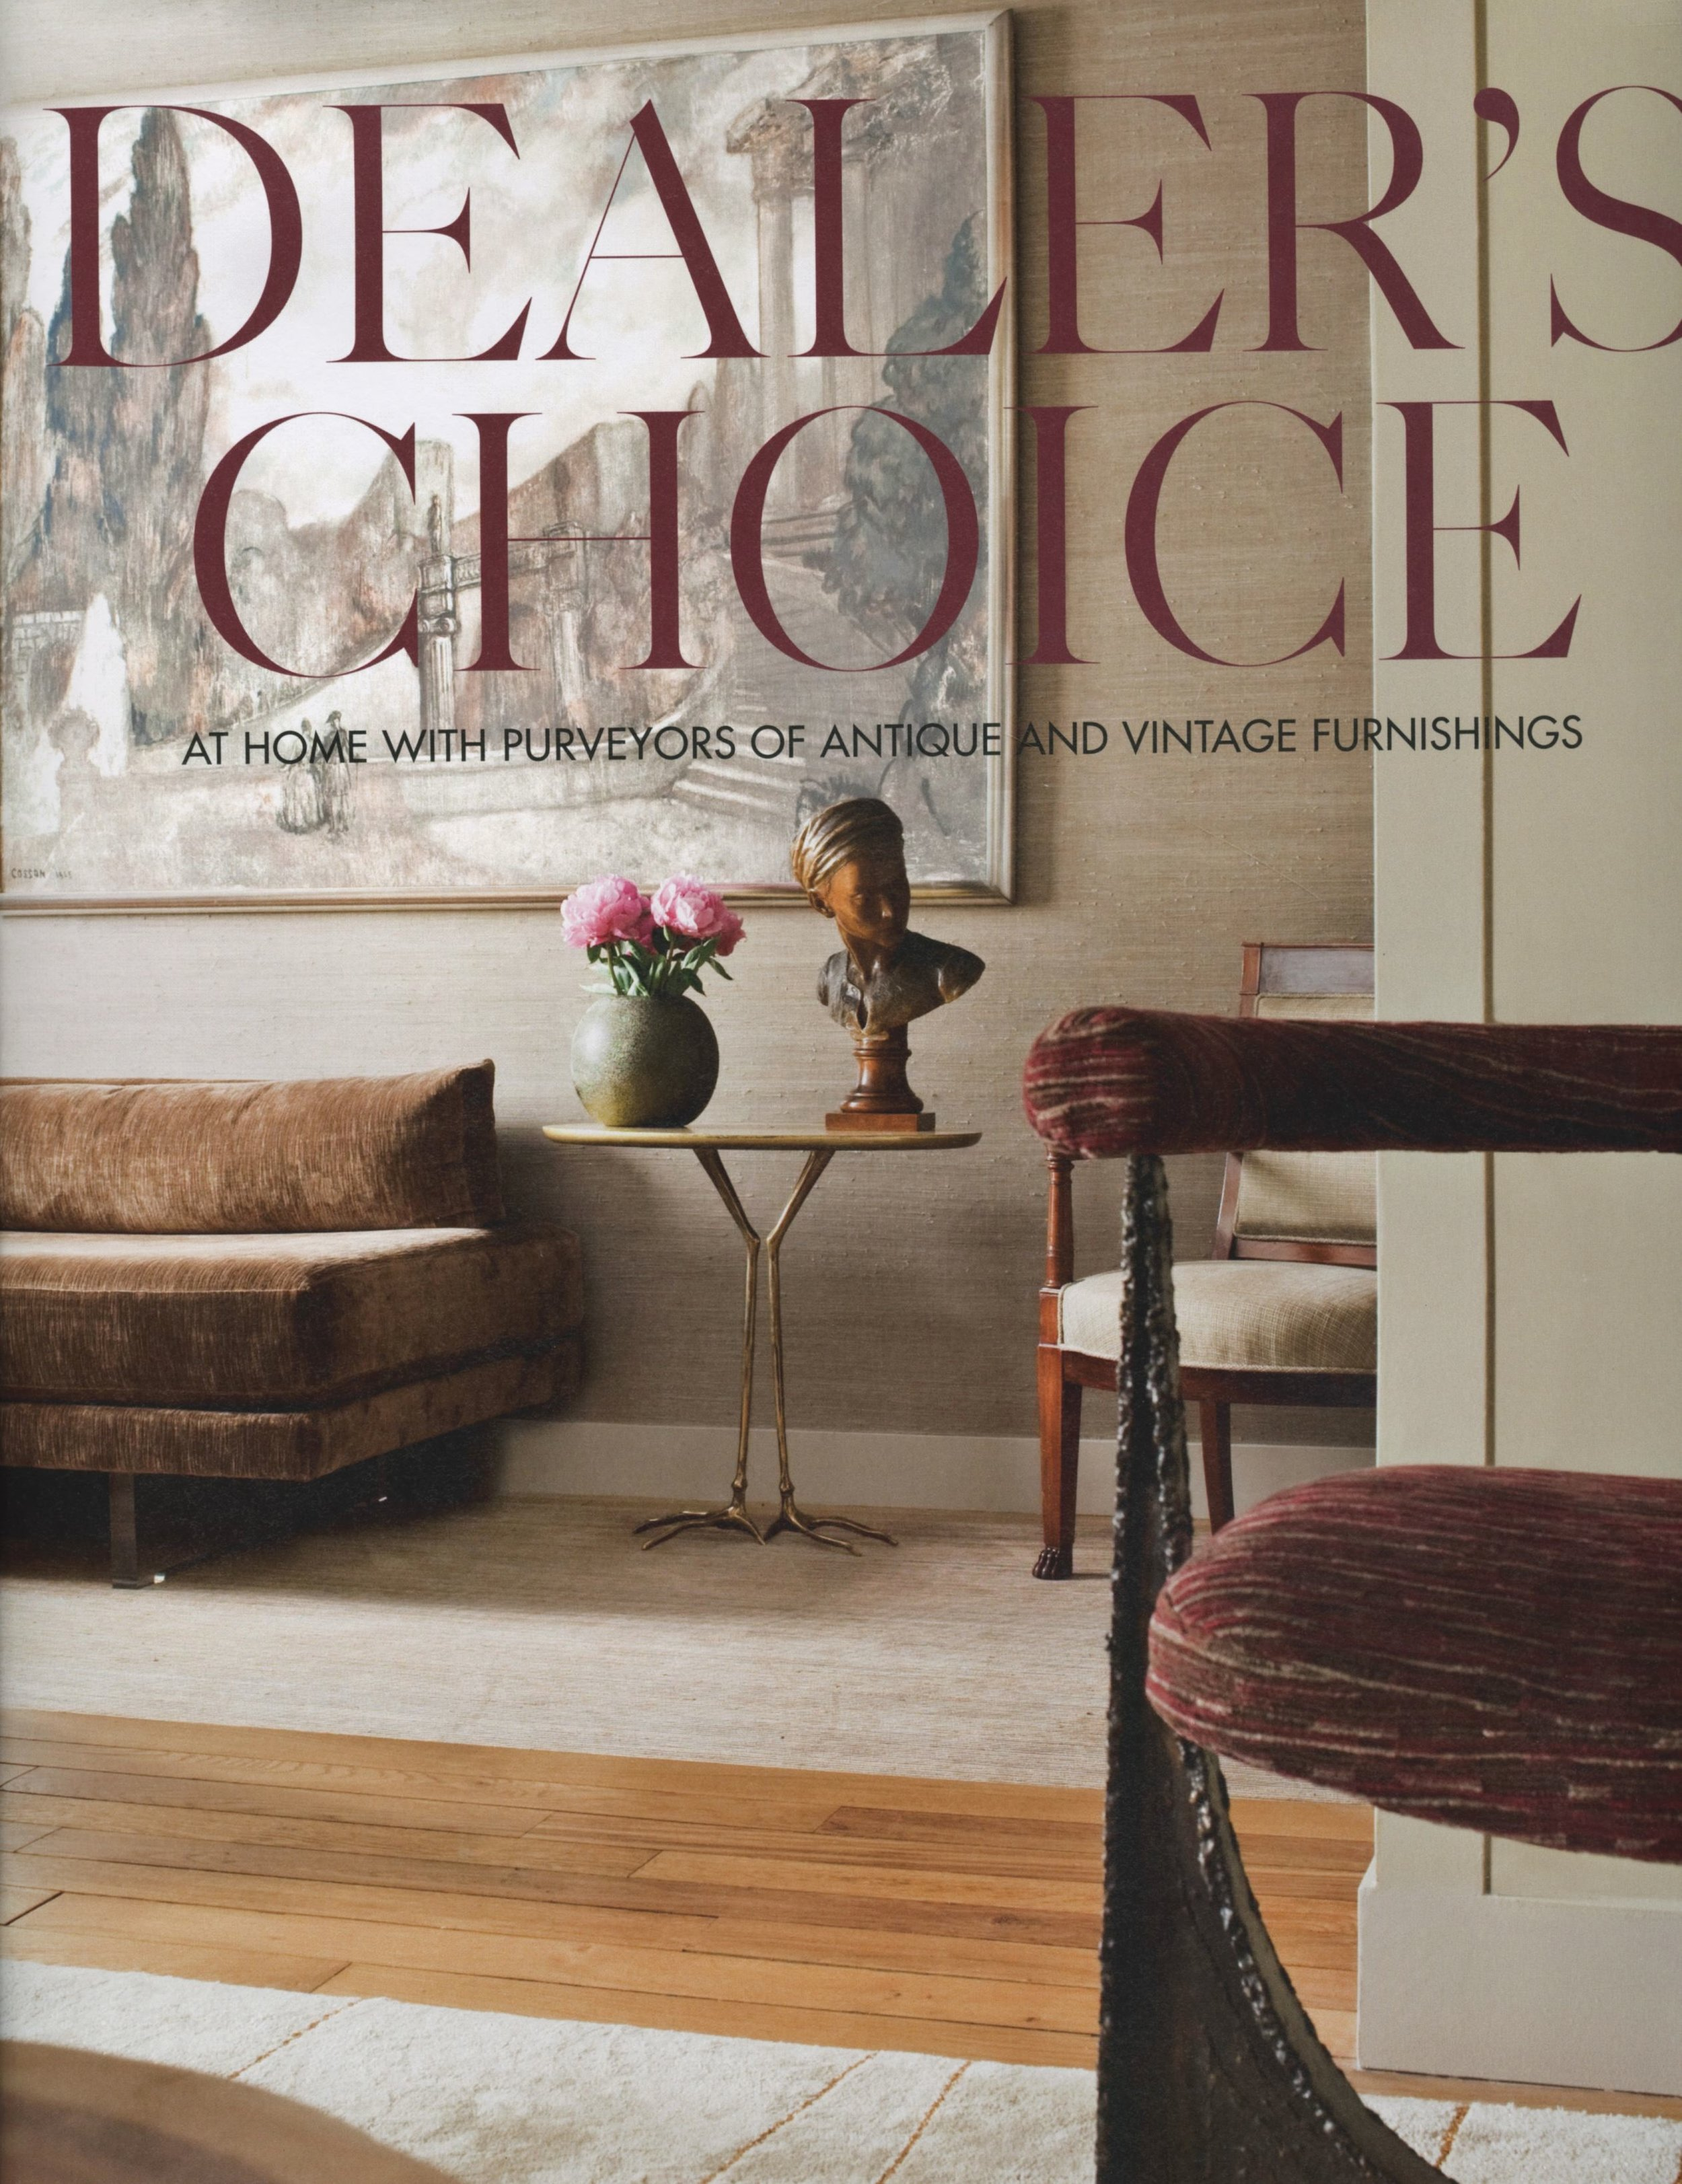 Weinberg Modern, Dealer's Choice